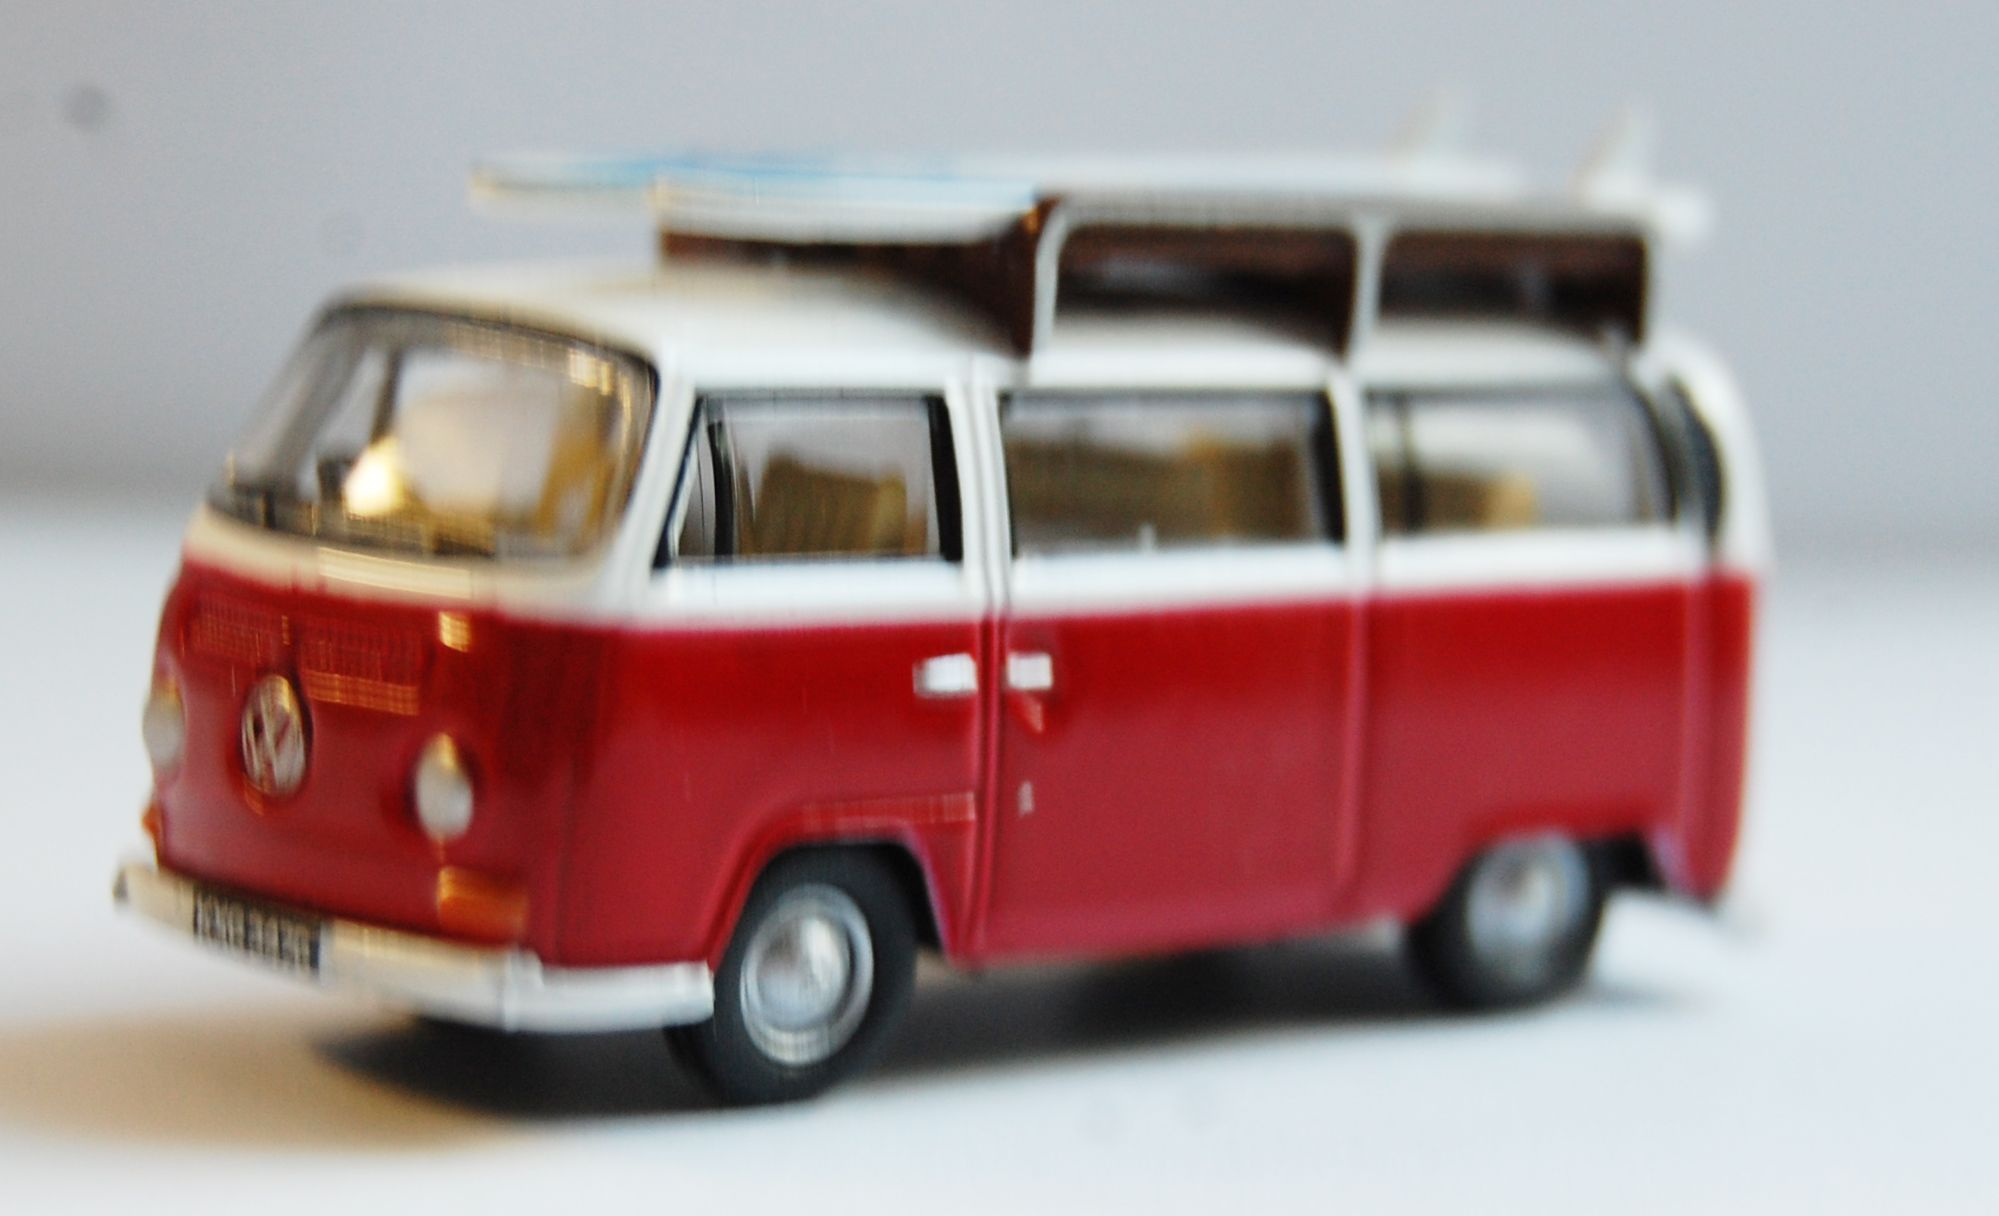 modellauto vw t2 bus rotweiss mit surfbretter rhd ma stab 1 76 von oxford bei esoterik. Black Bedroom Furniture Sets. Home Design Ideas